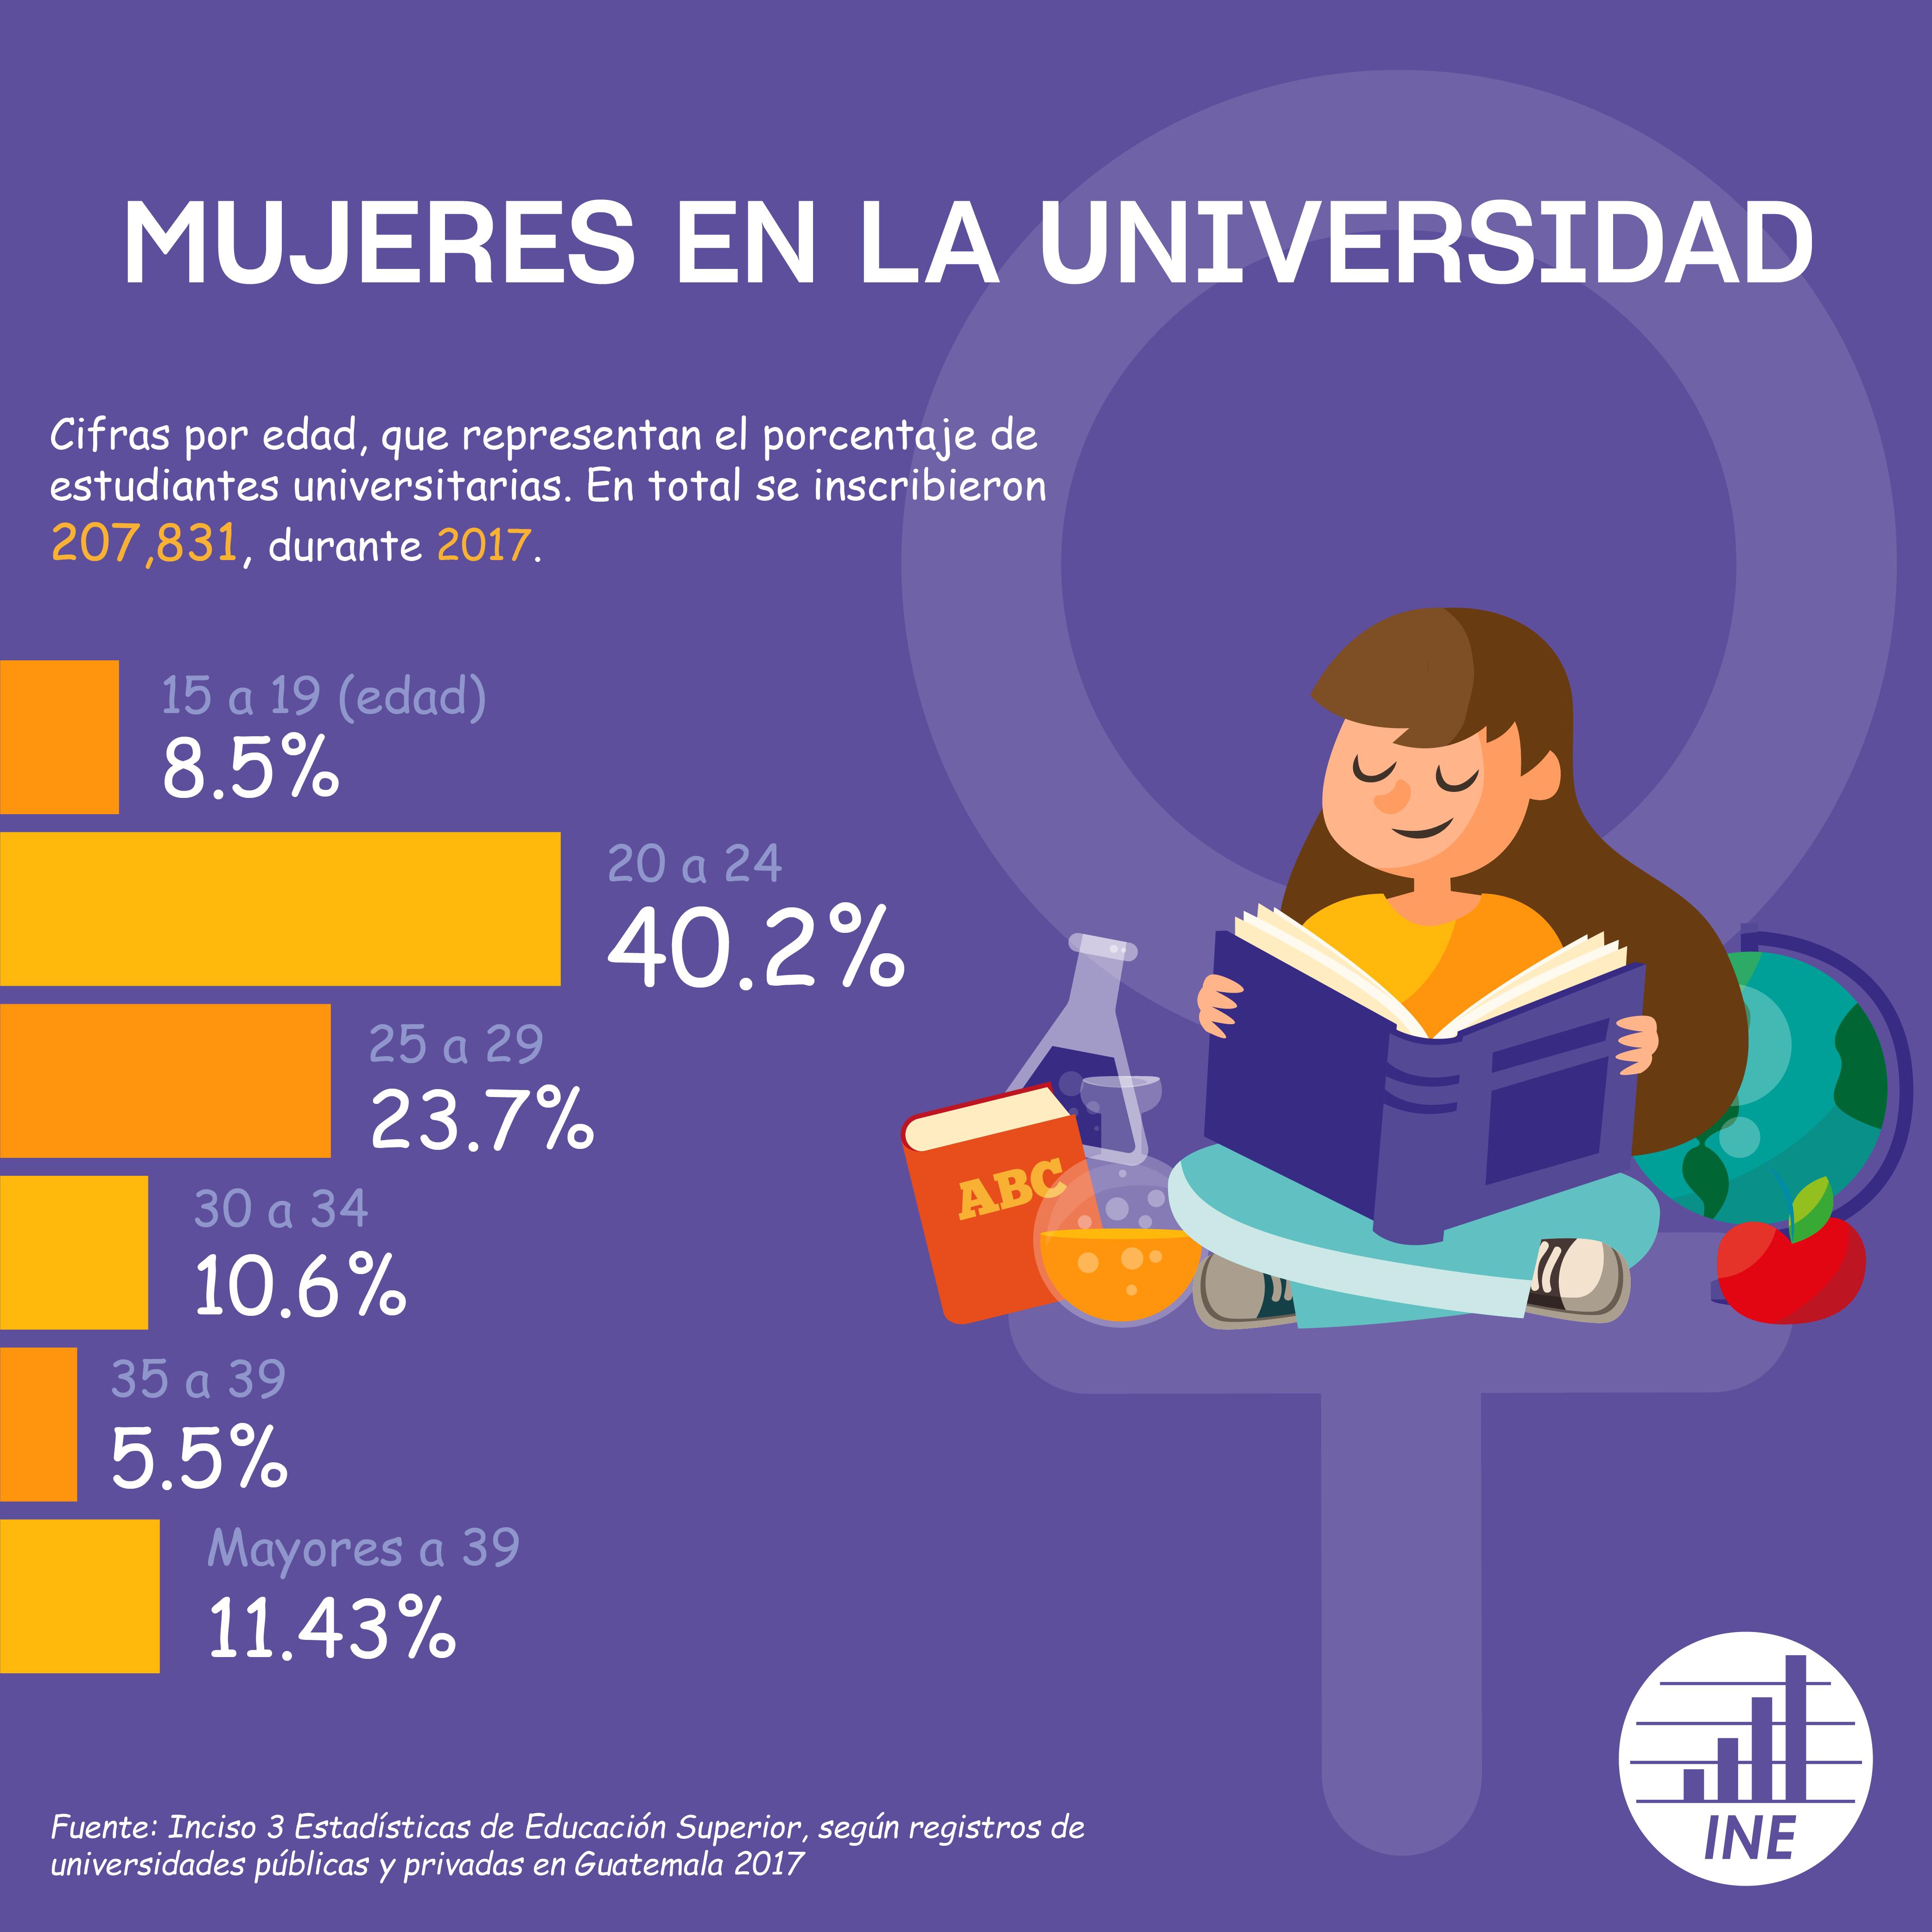 Mujeres en la Universidad